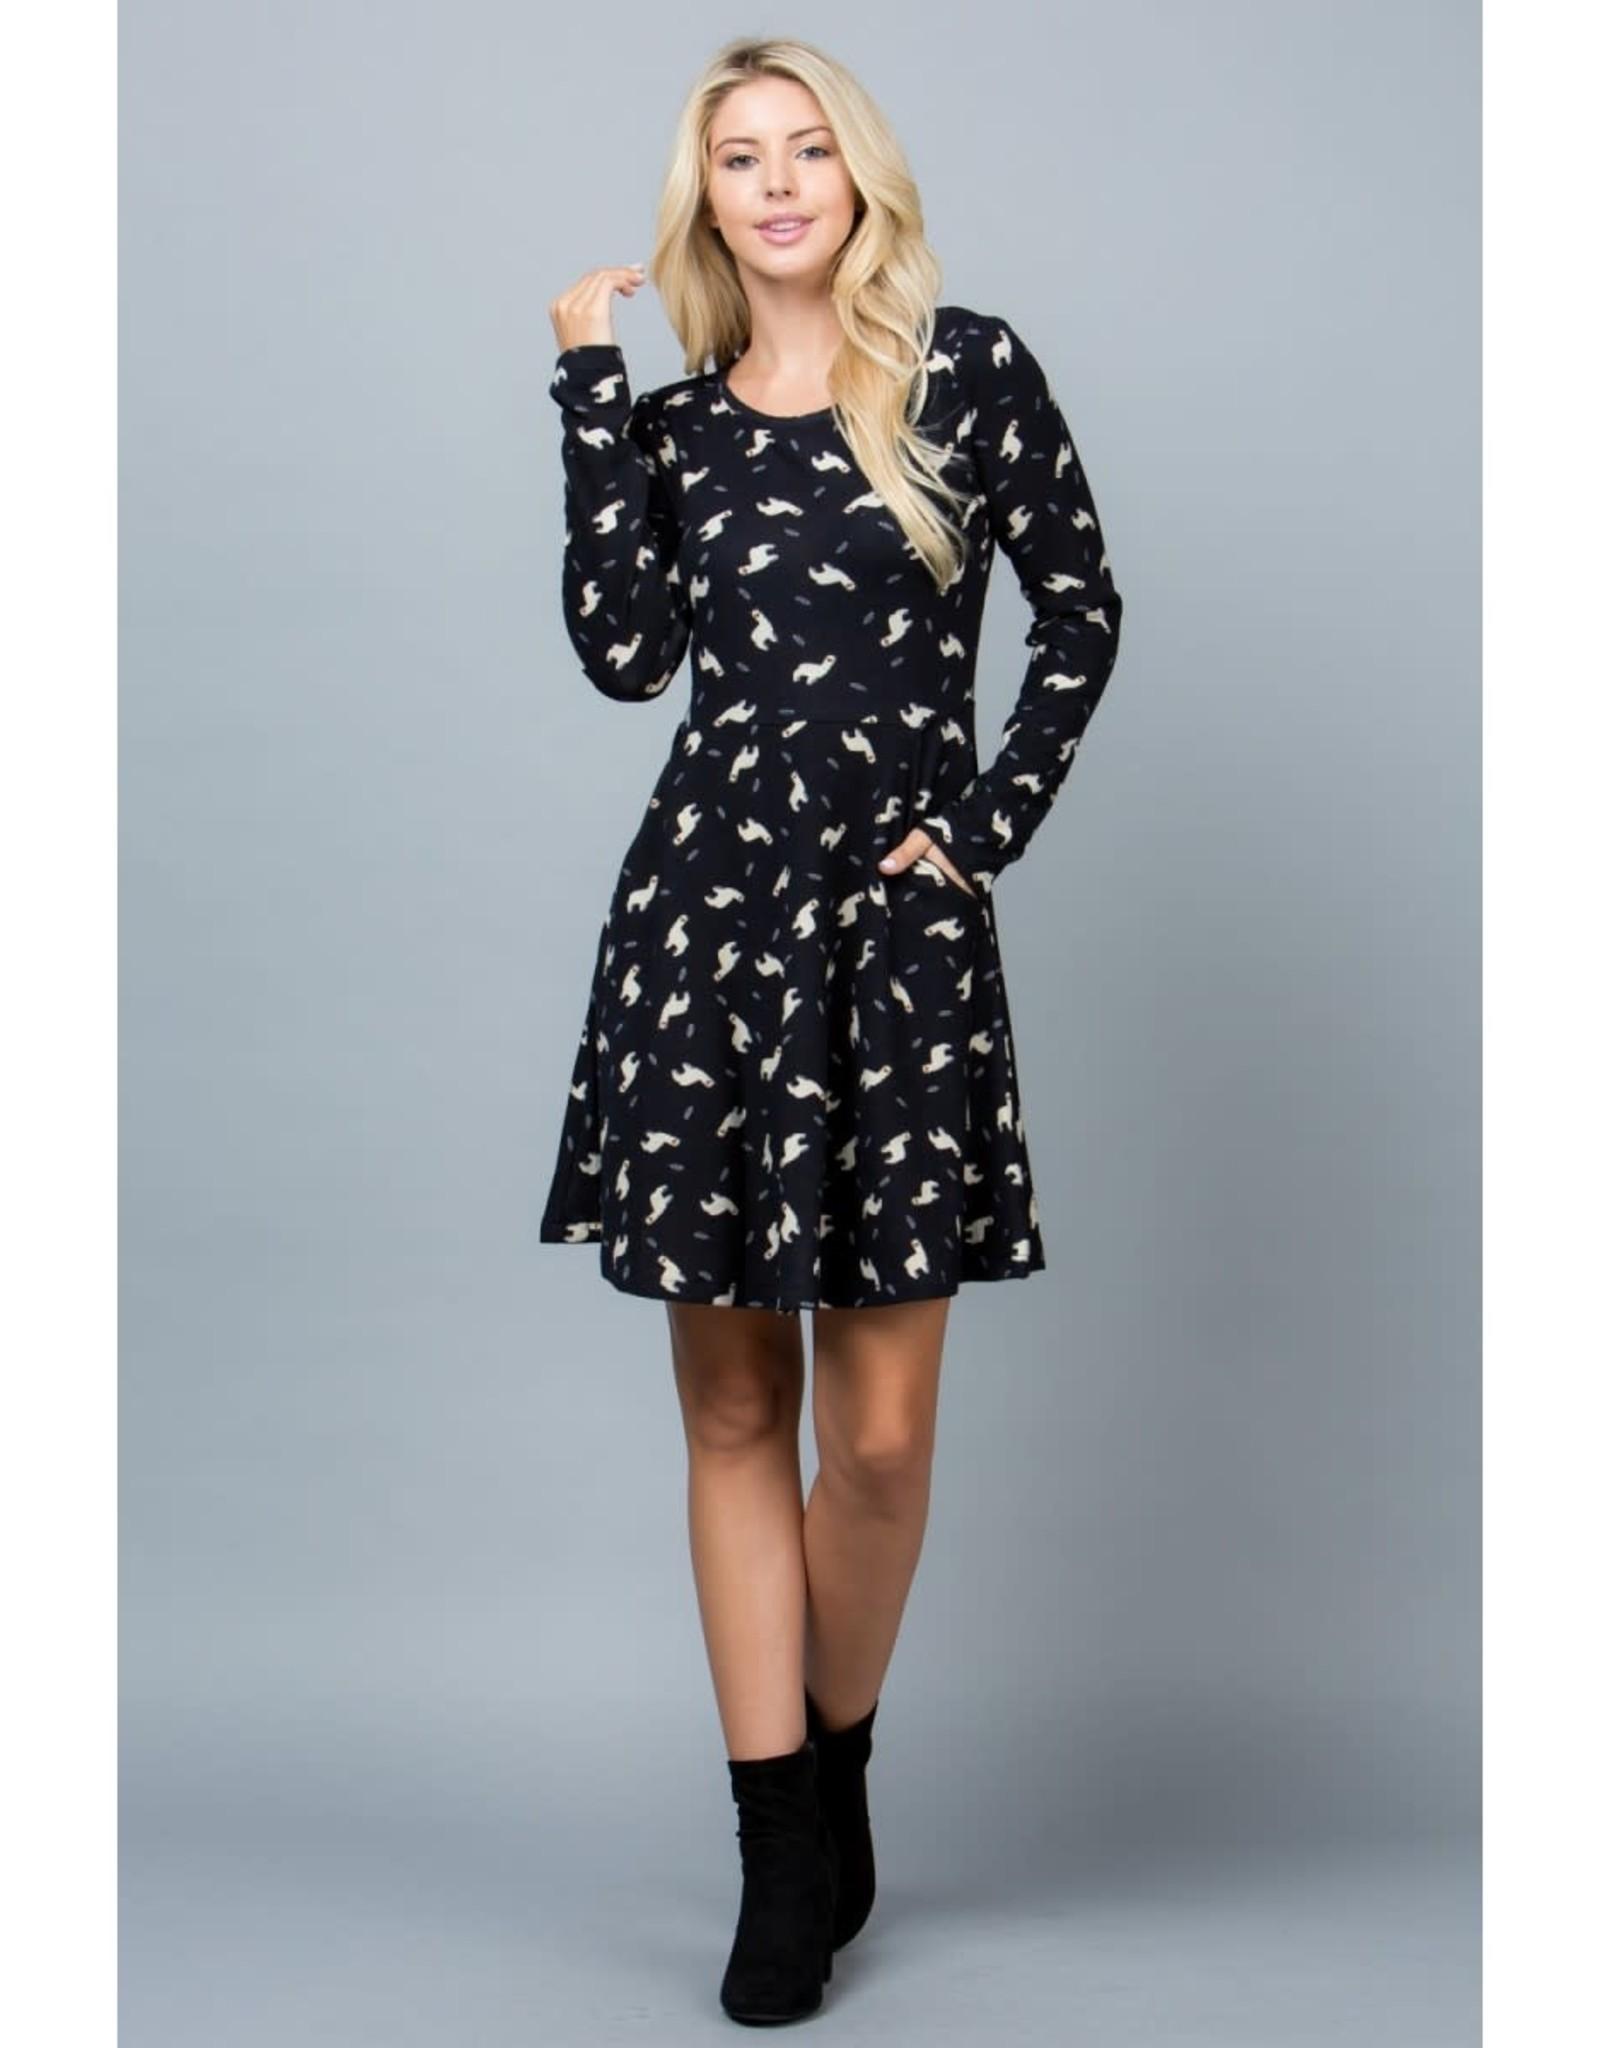 Llama Print Tunic Dress